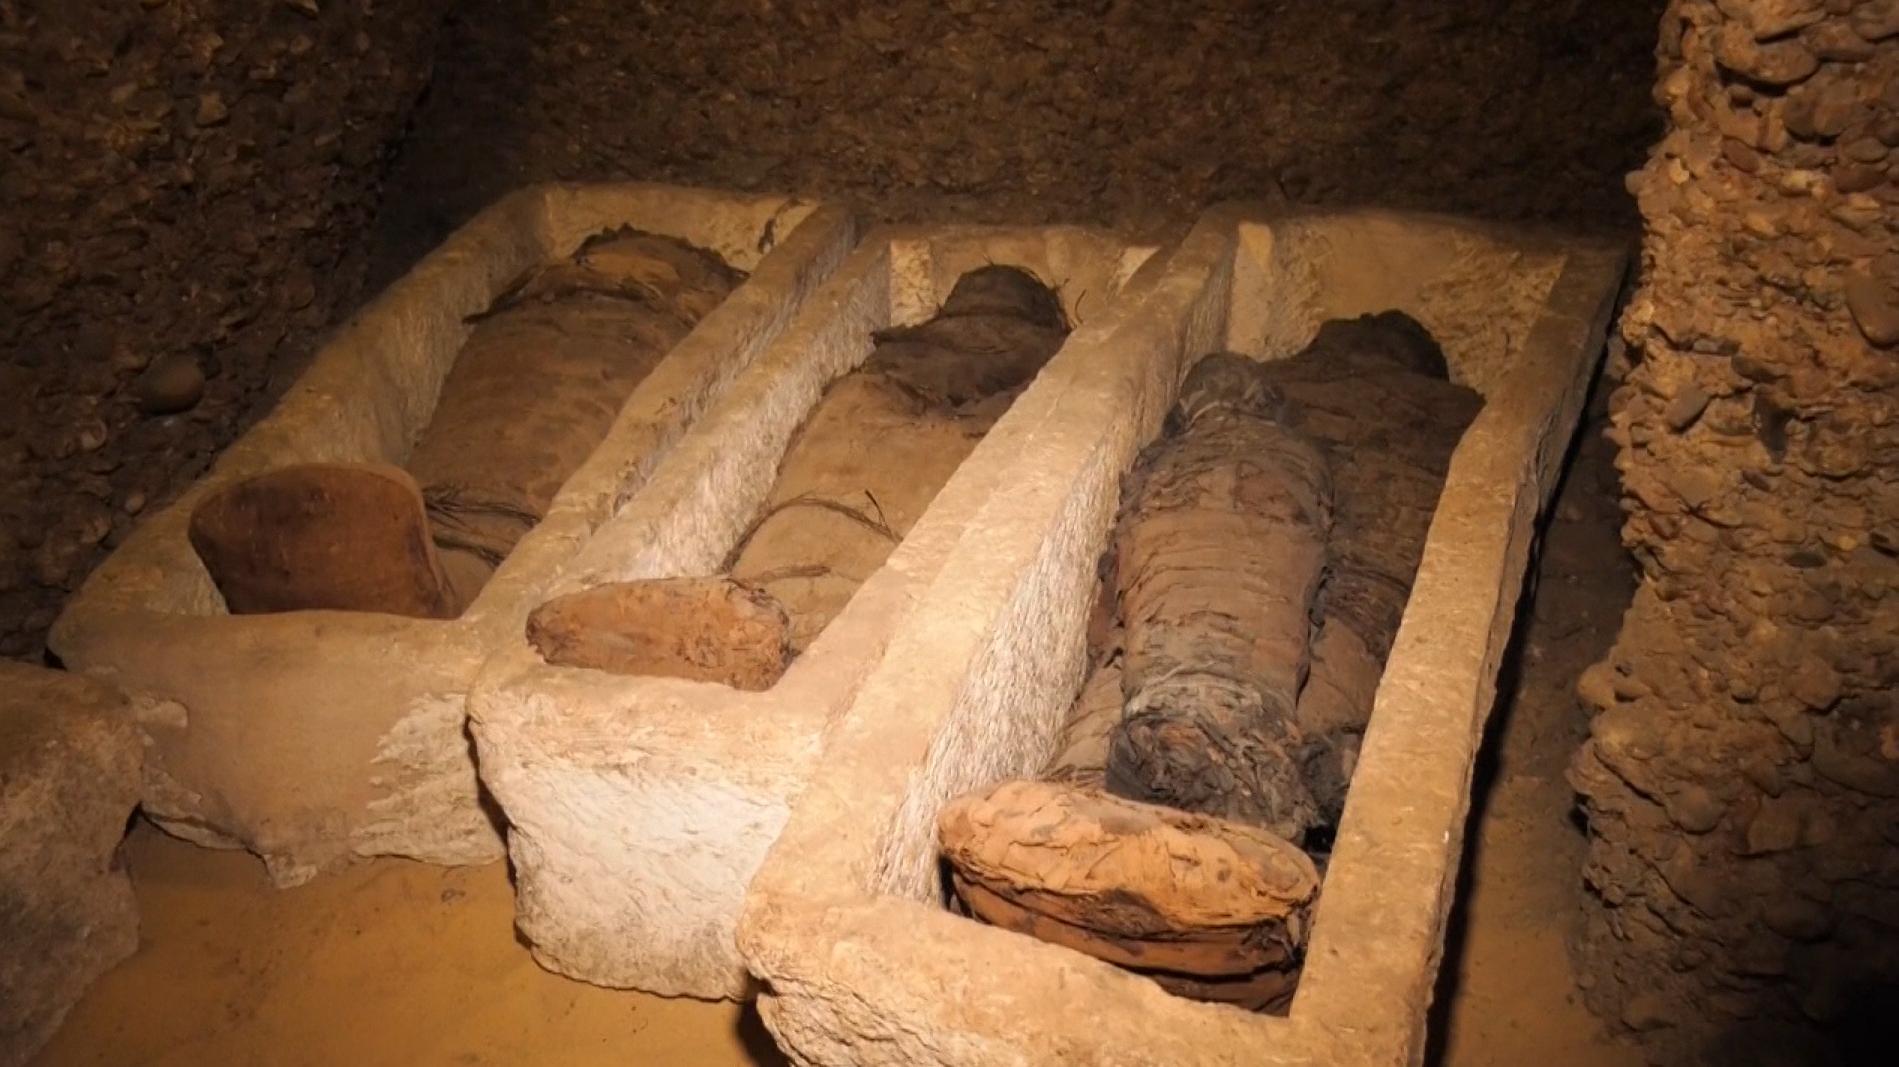 Grabkammer mit 40 Mumien entdeckt